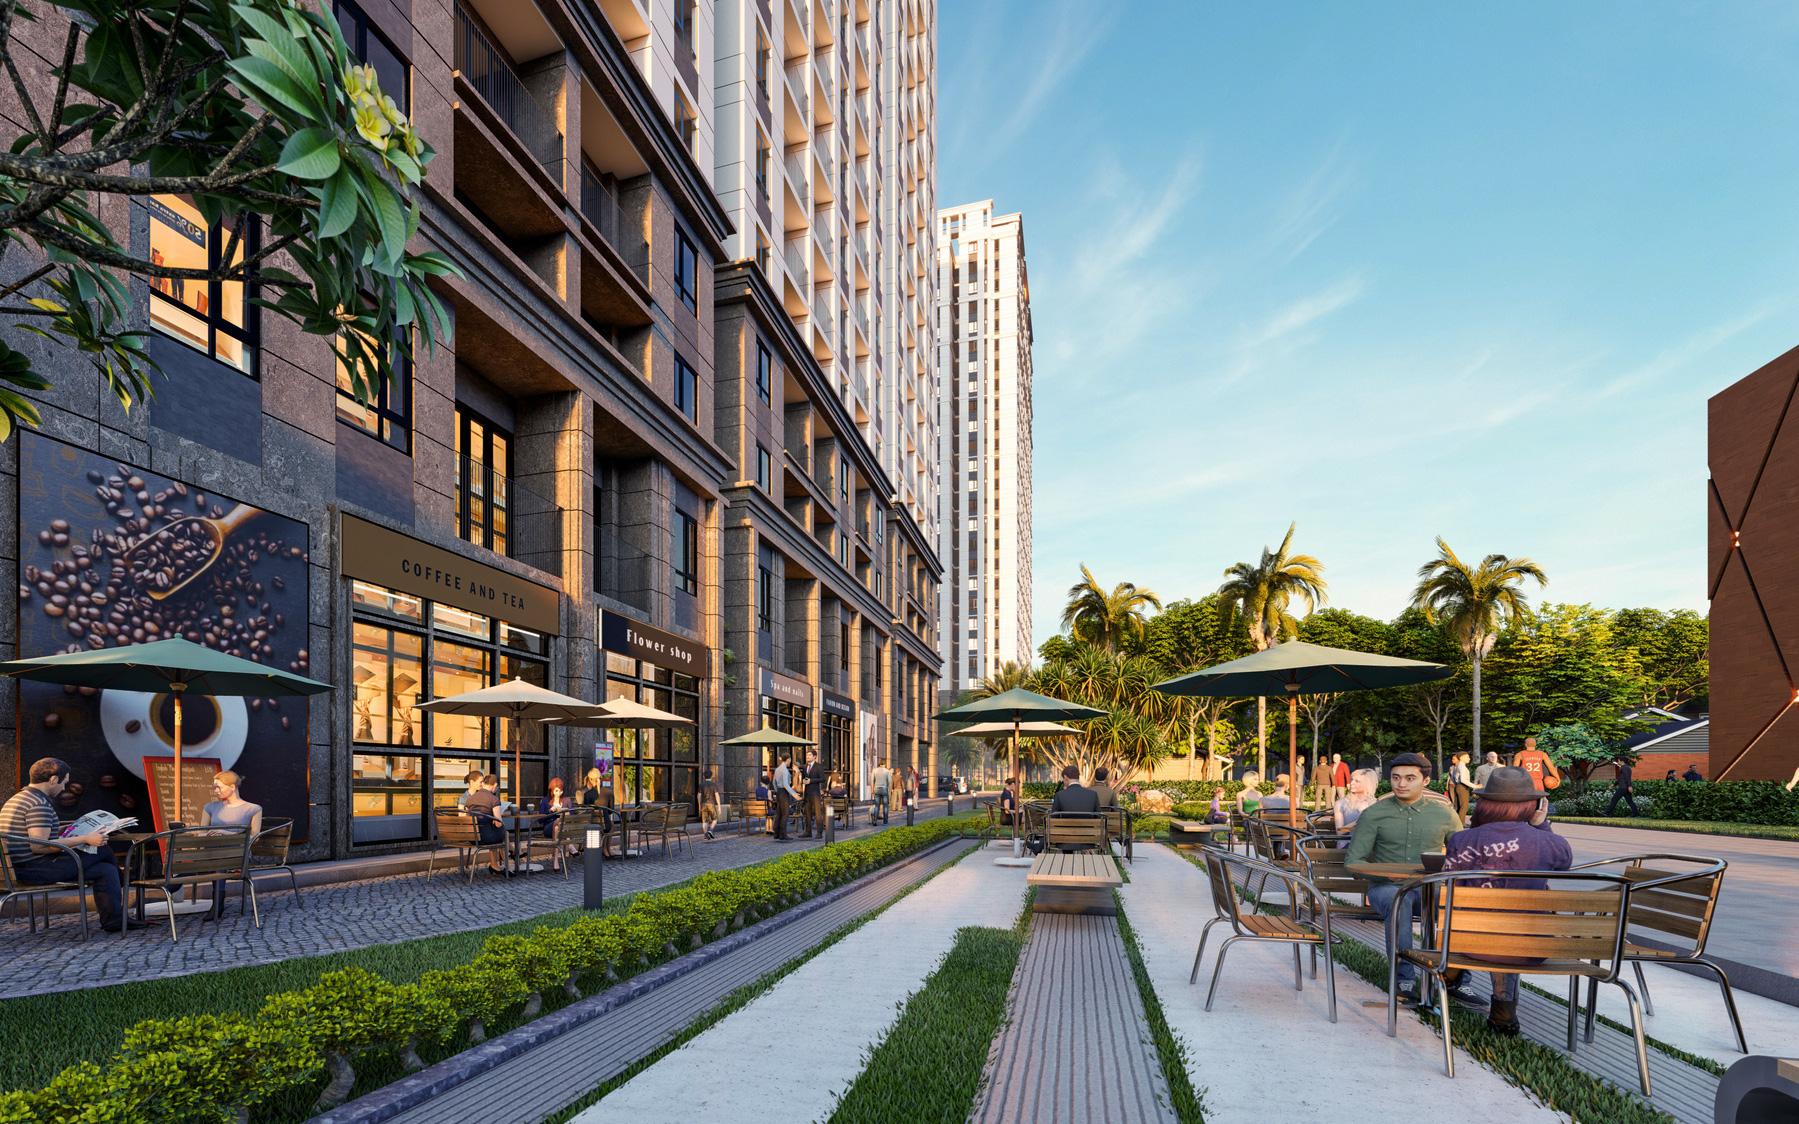 Cơ hội sở hữu căn hộ view sông kề cận club house quy mô 3000m2